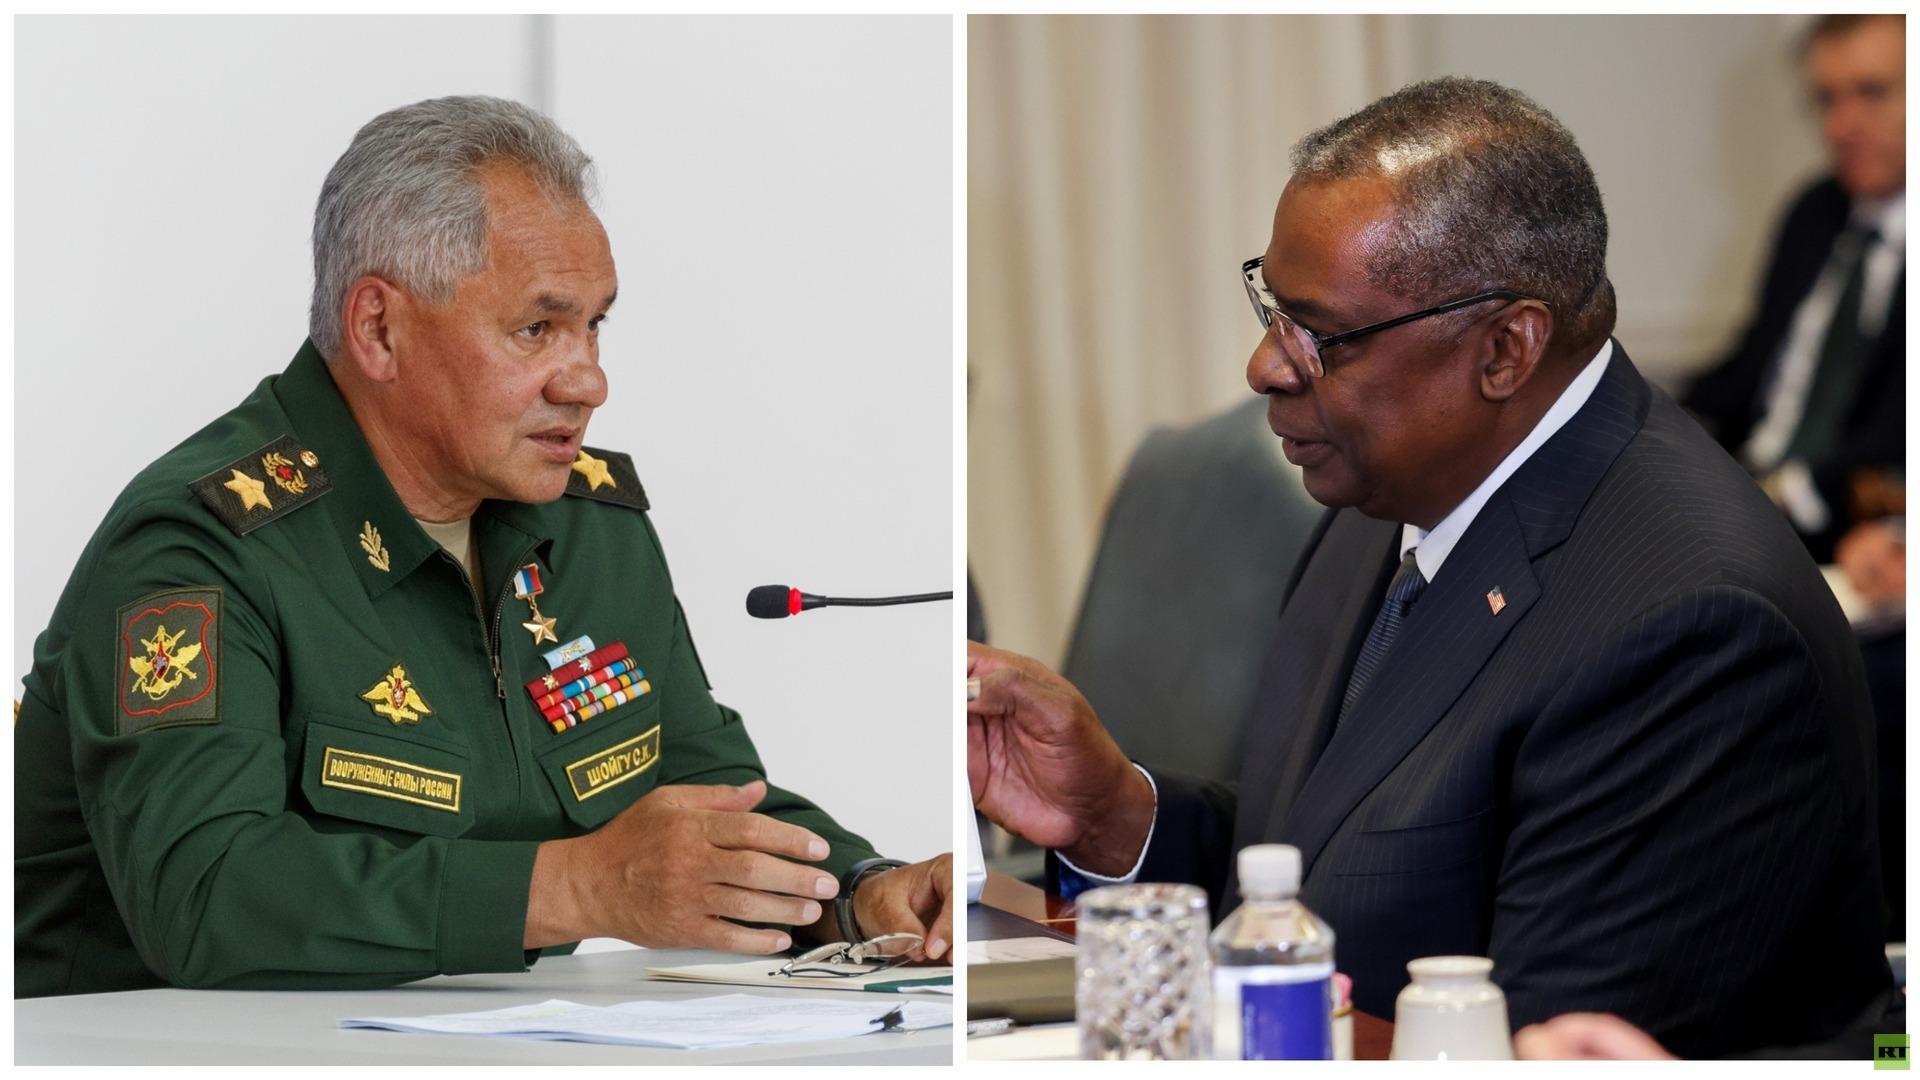 وزيرا الدفاع الروسي والأمريكي يبحثان الاستقرار الاستراتيجي والأمن الدولي